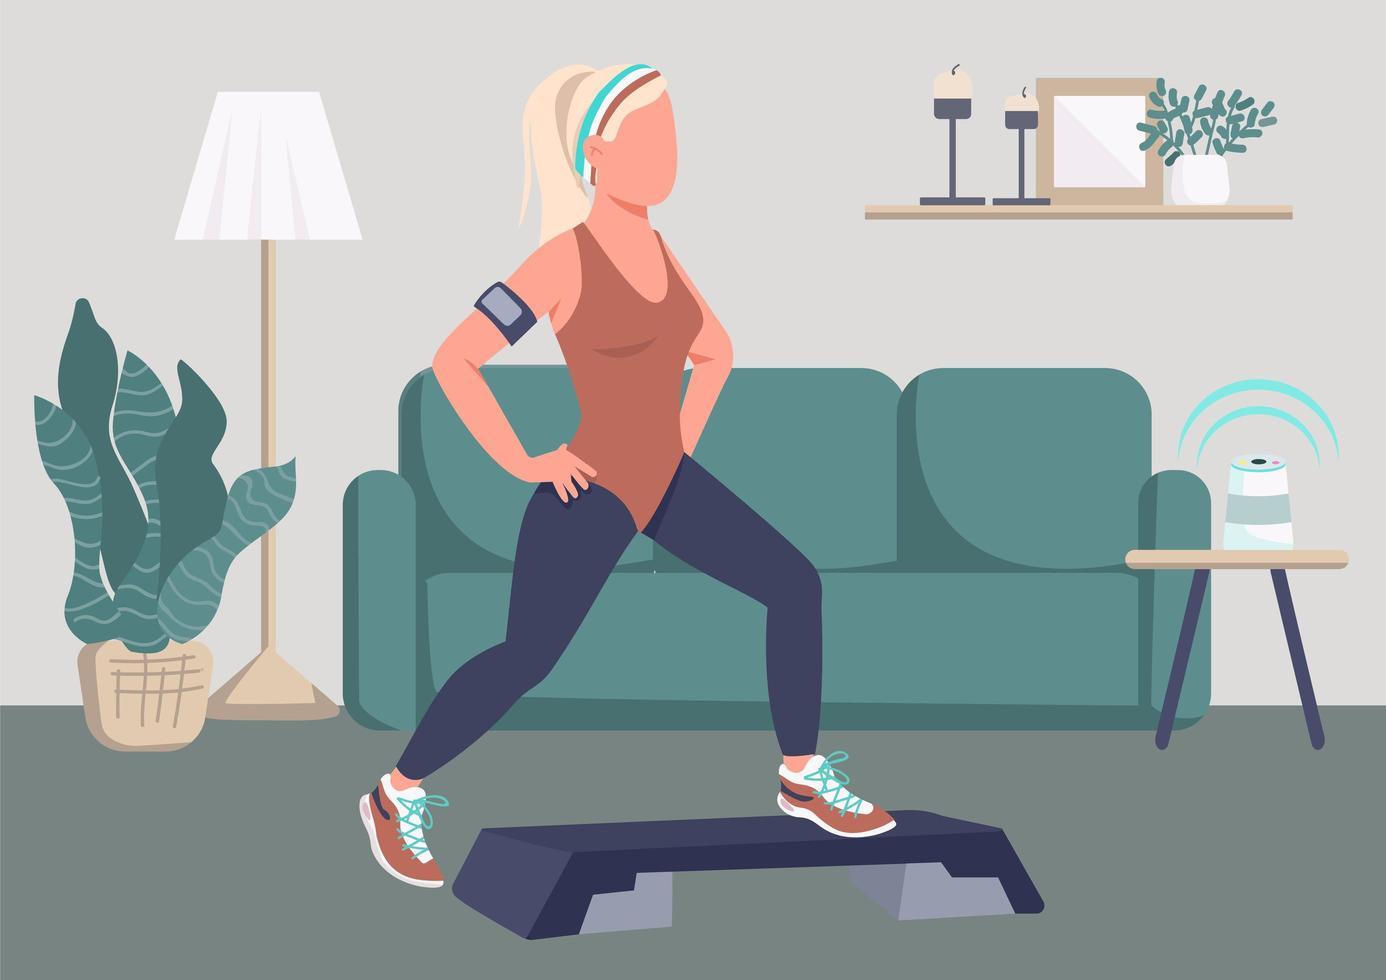 ejercicio step ups vector